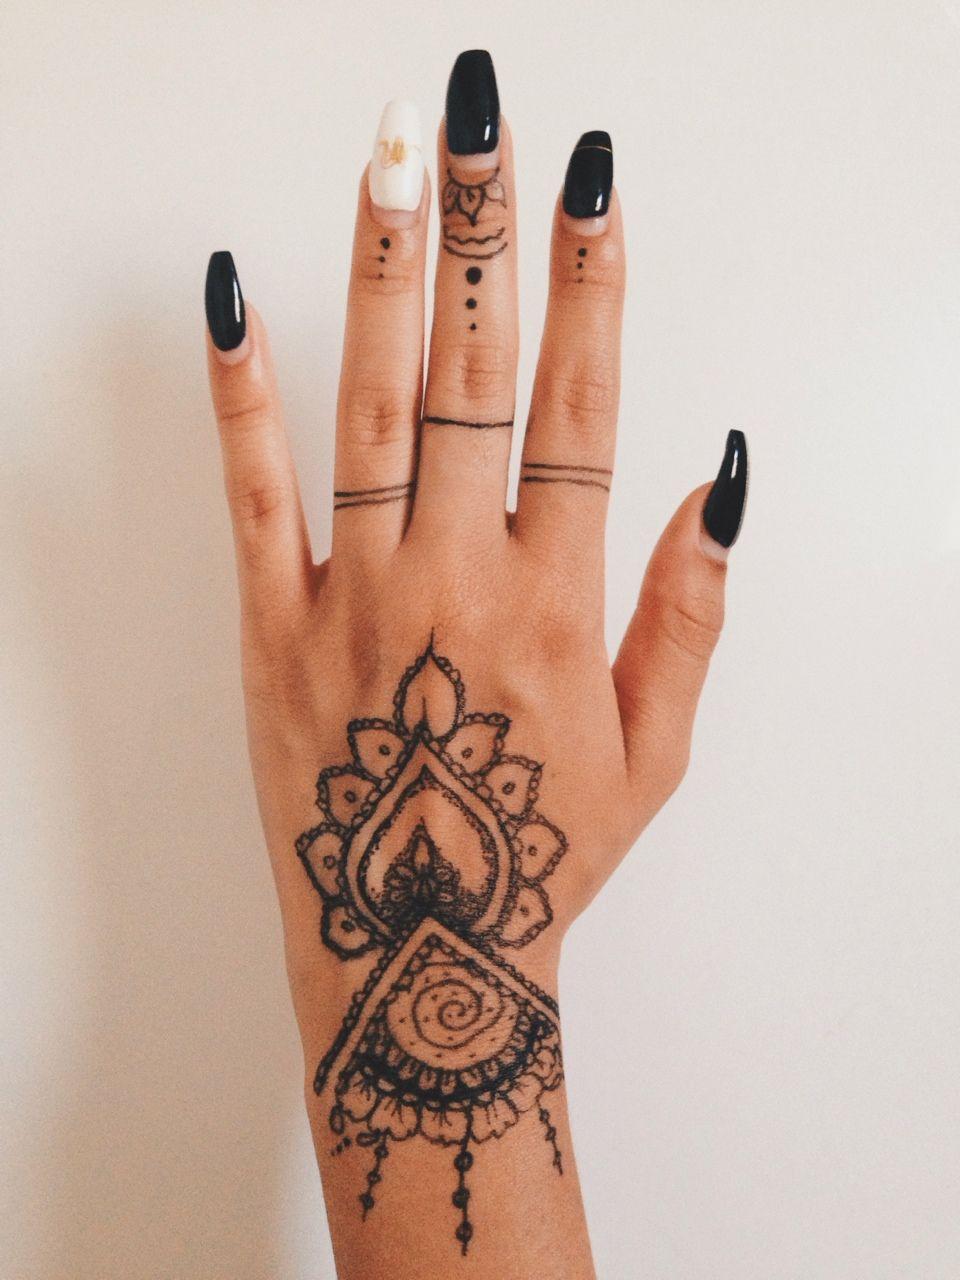 Pen Tattoo Tumblr Pen Tattoo Tattoos Hand Tattoos